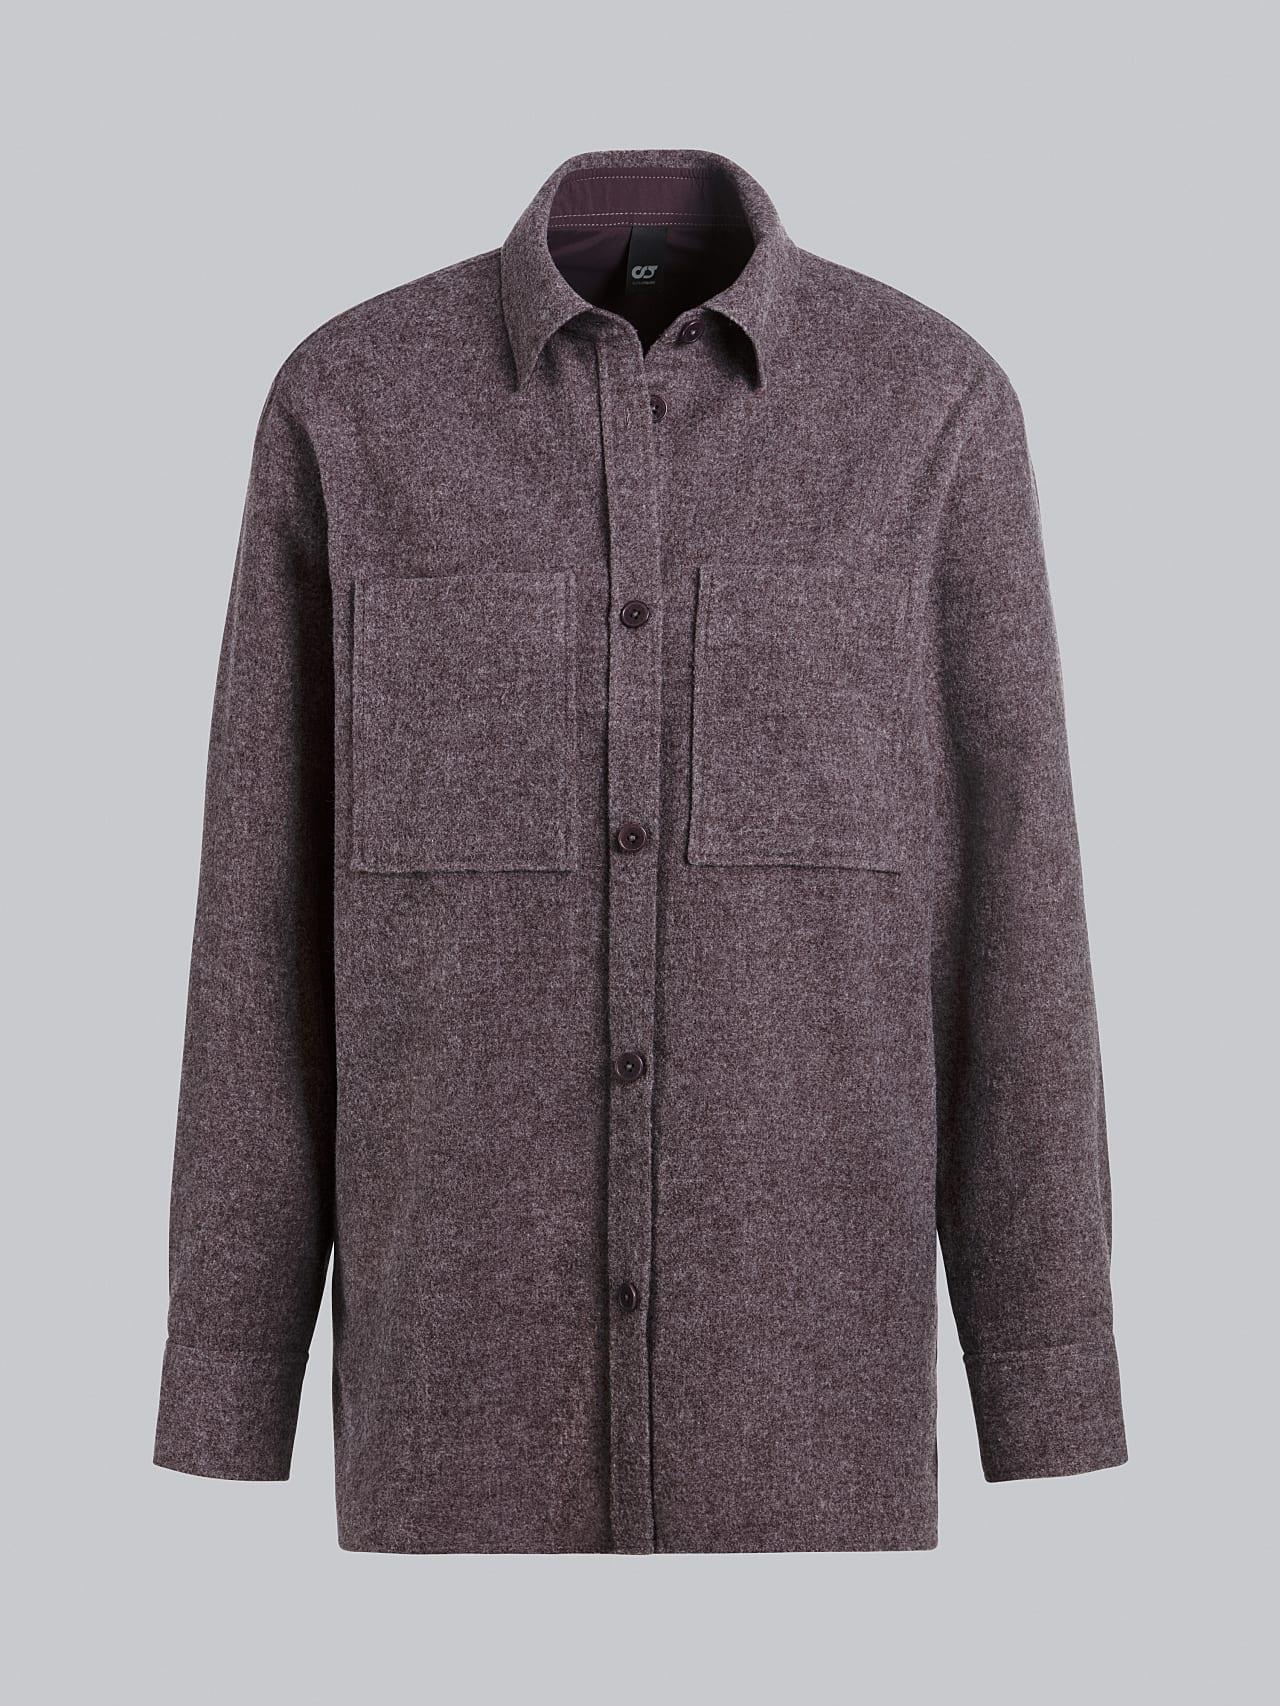 WOVIE V1.Y5.02 Wool Over-Shirt Burgundy Back Alpha Tauri